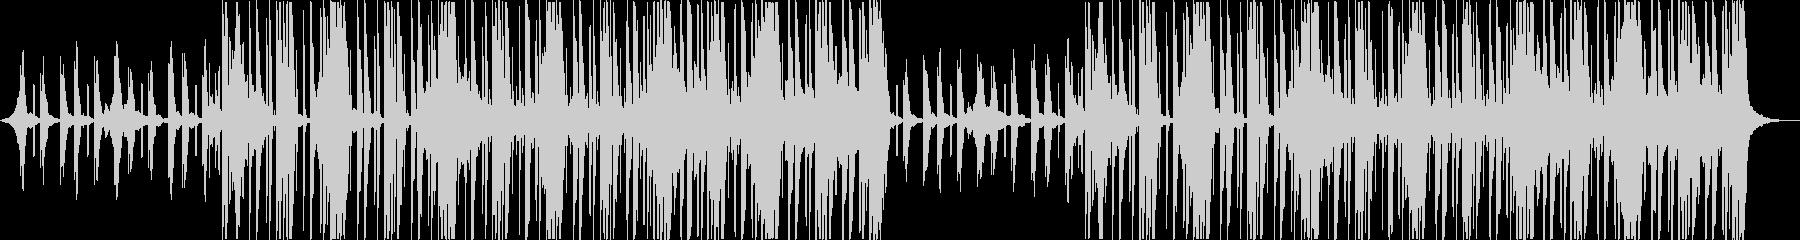 おしゃれ洋楽ヒップホップR&Bソウルbの未再生の波形